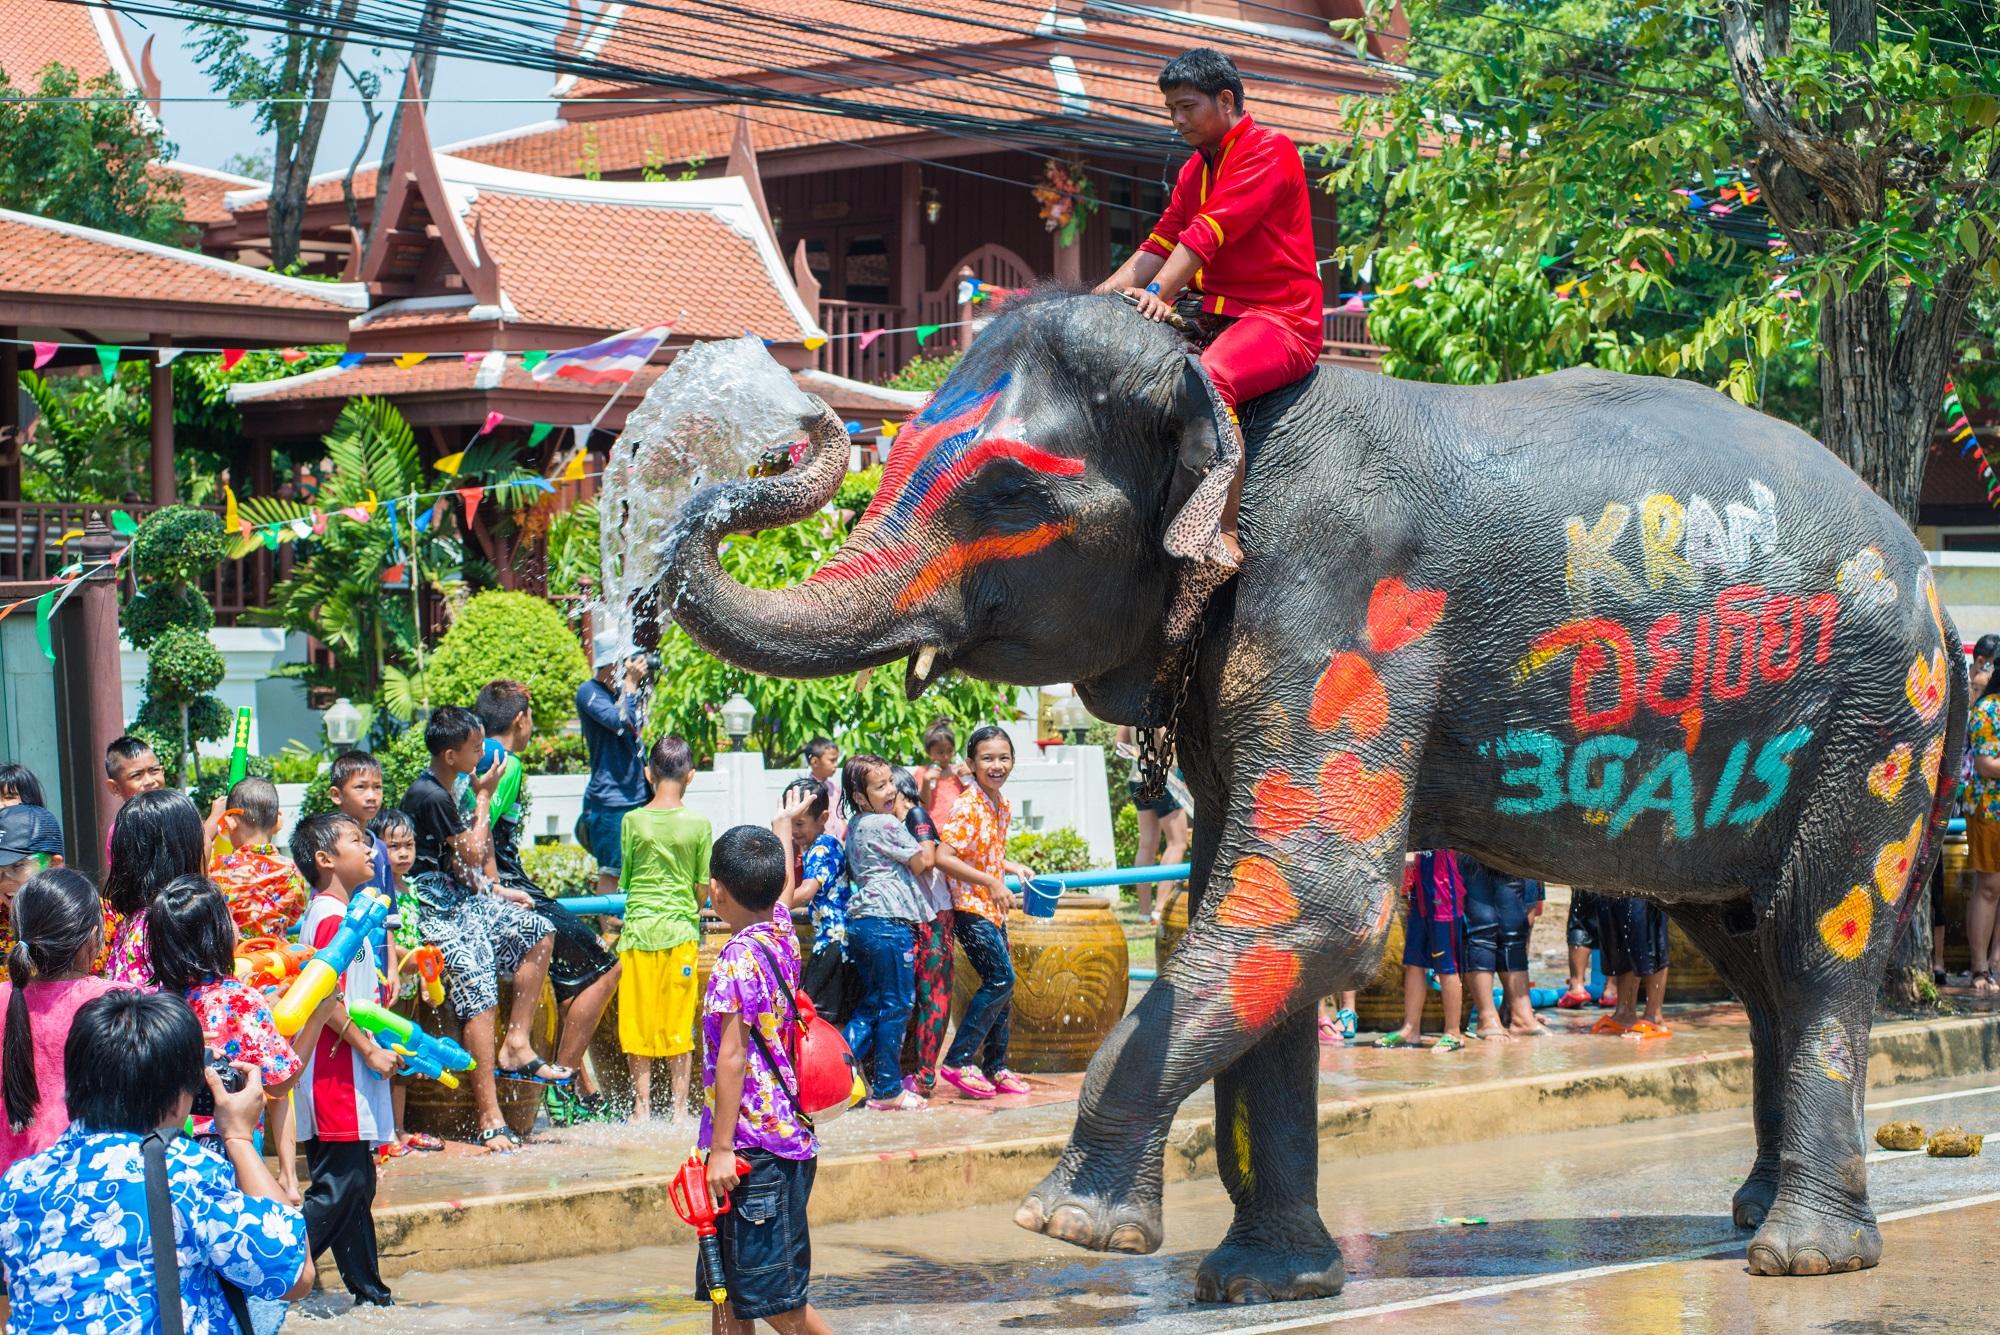 Mann sitzt auf einem bunt bemalten Elefant, Kinder spritzen mit Wasser.